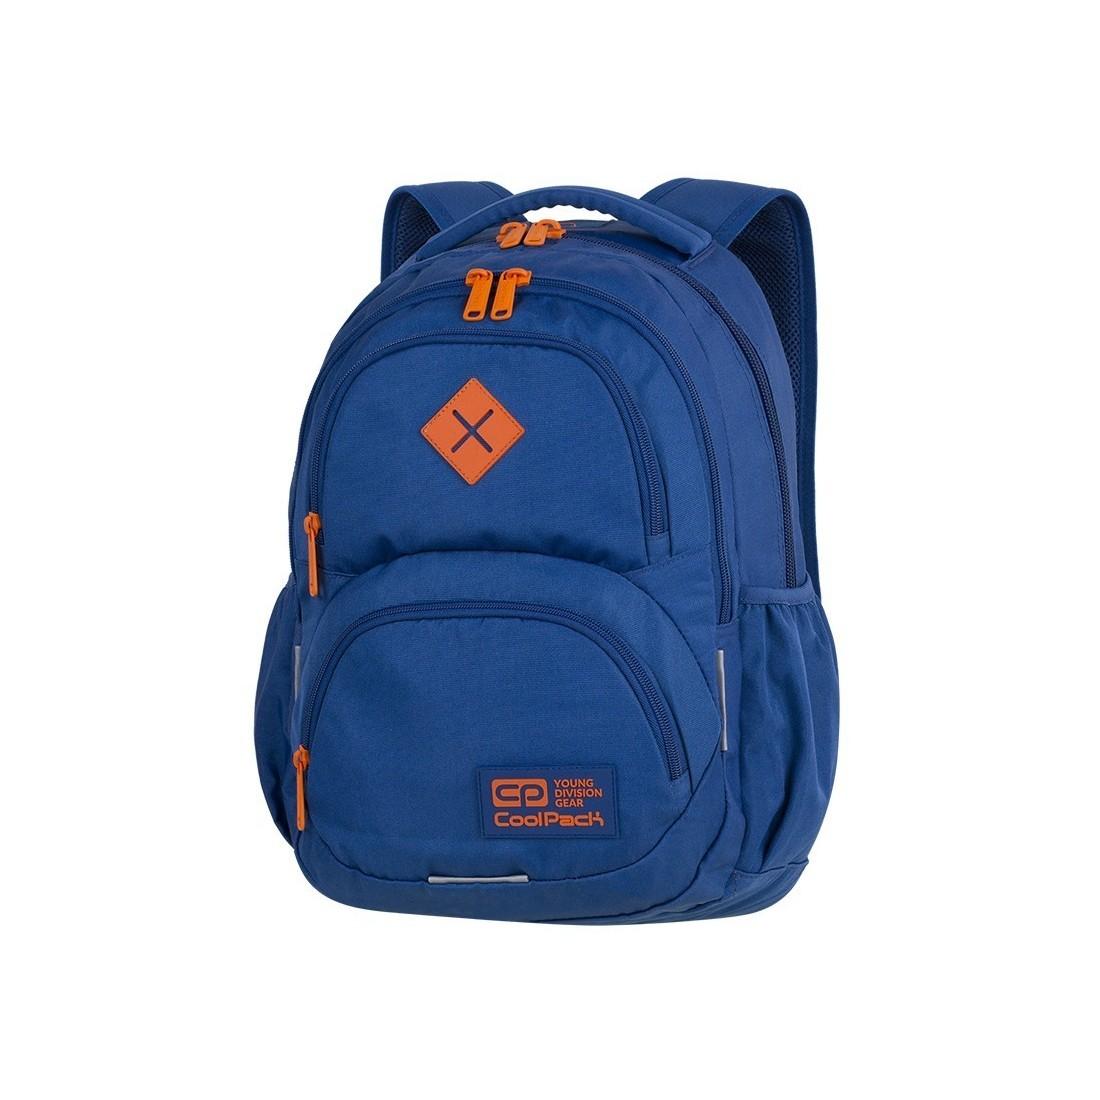 e96352a33e711 Plecak szkolny CoolPack CP DART TEAL ORANGE niebieski młodzieżowy - A395